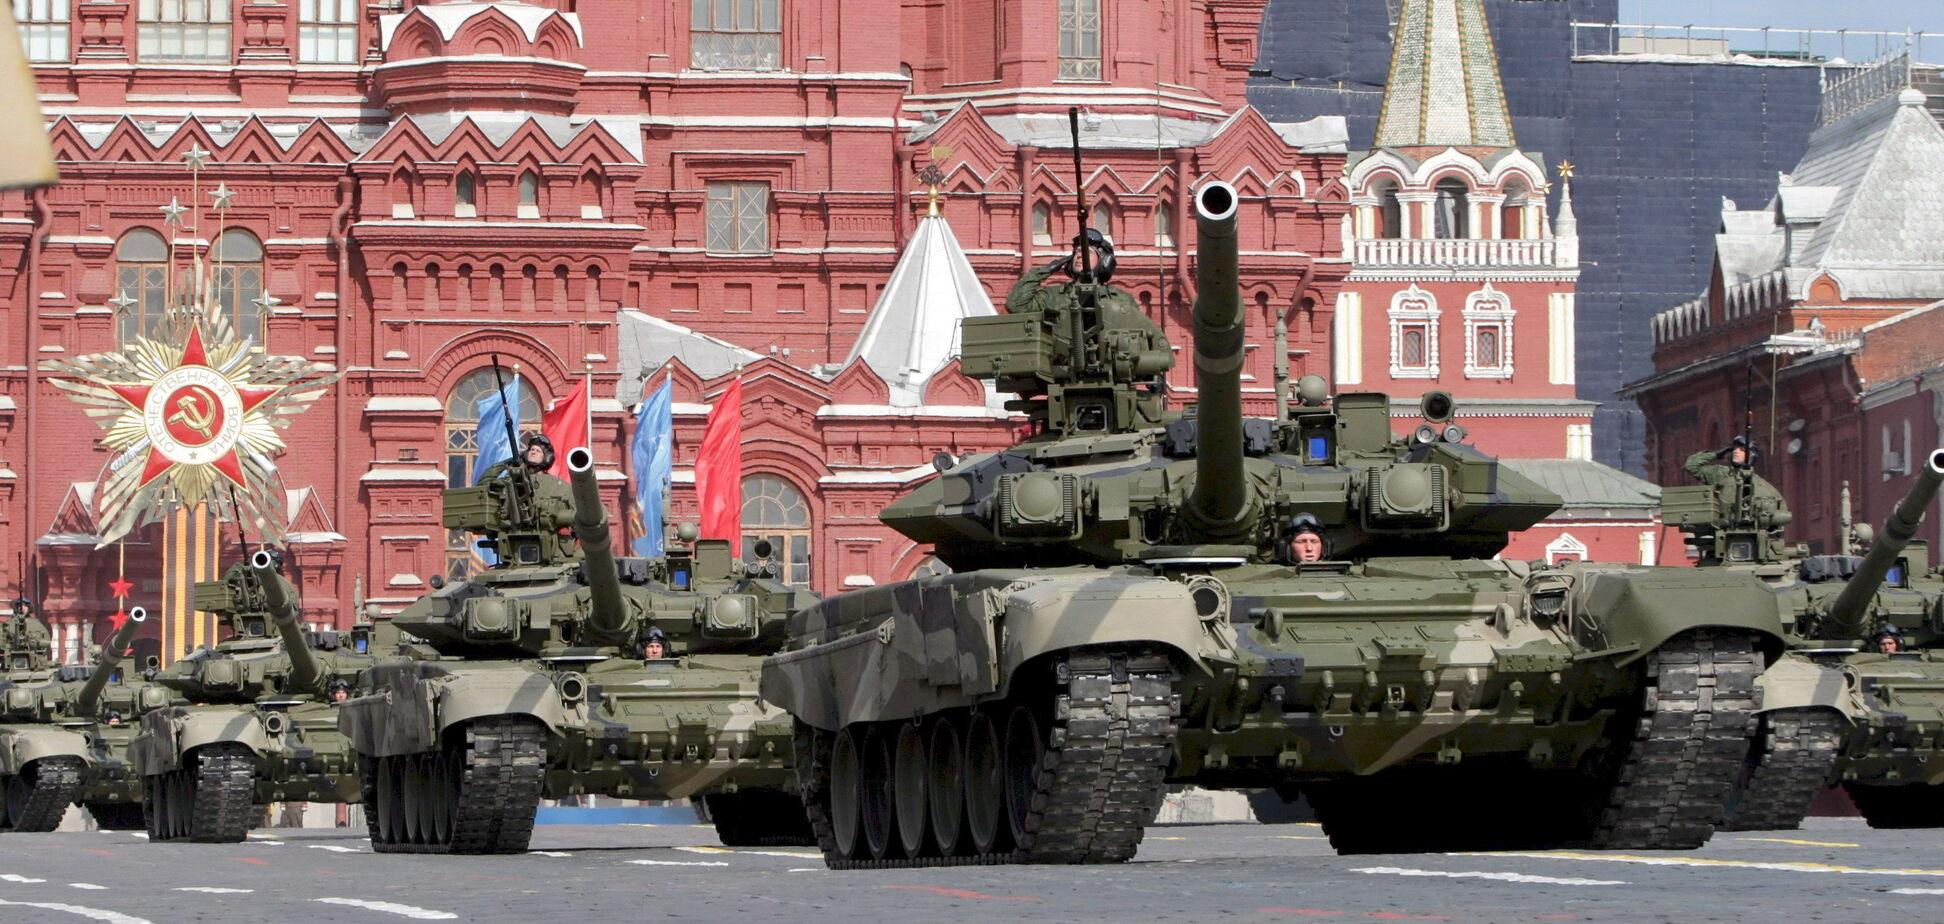 Показали 'Чебурашку' и жену Путина: как прошли парады в России и 'ДНР'